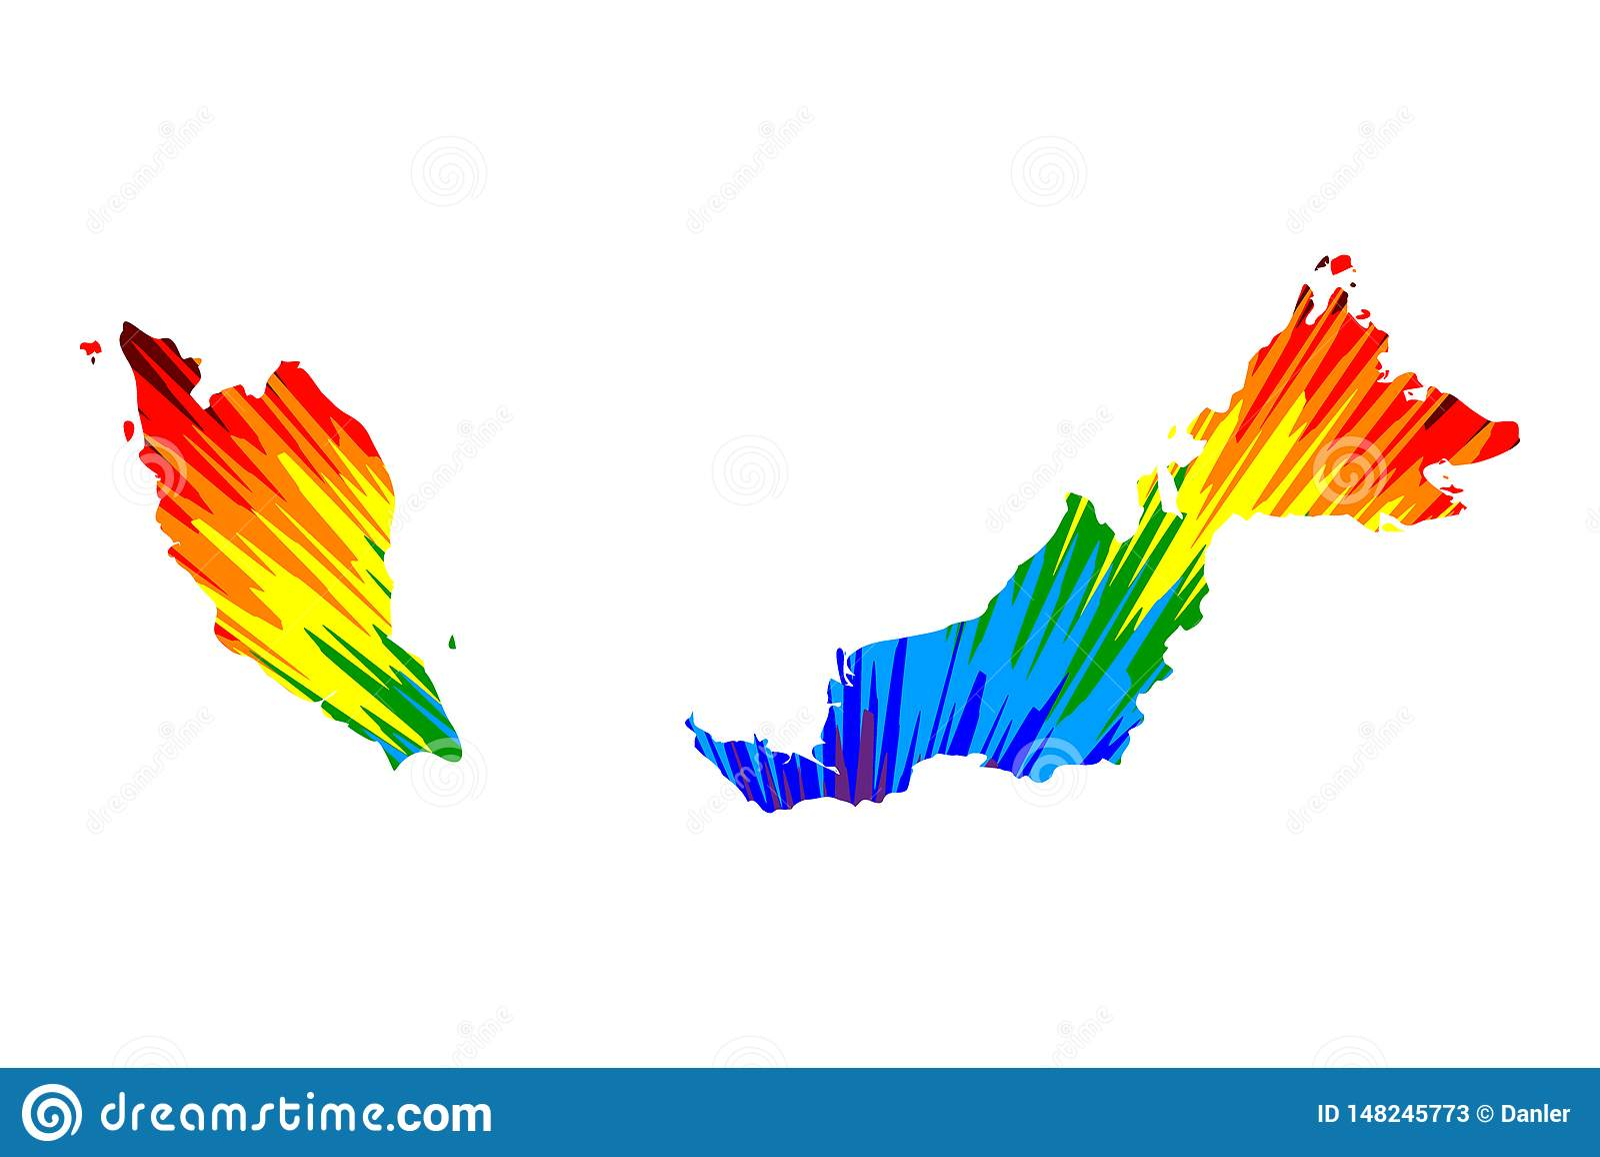 Malasia - el mapa es modelo colorido diseñado del extracto del arco iris, mapa de Malasia hizo de la explosión del color